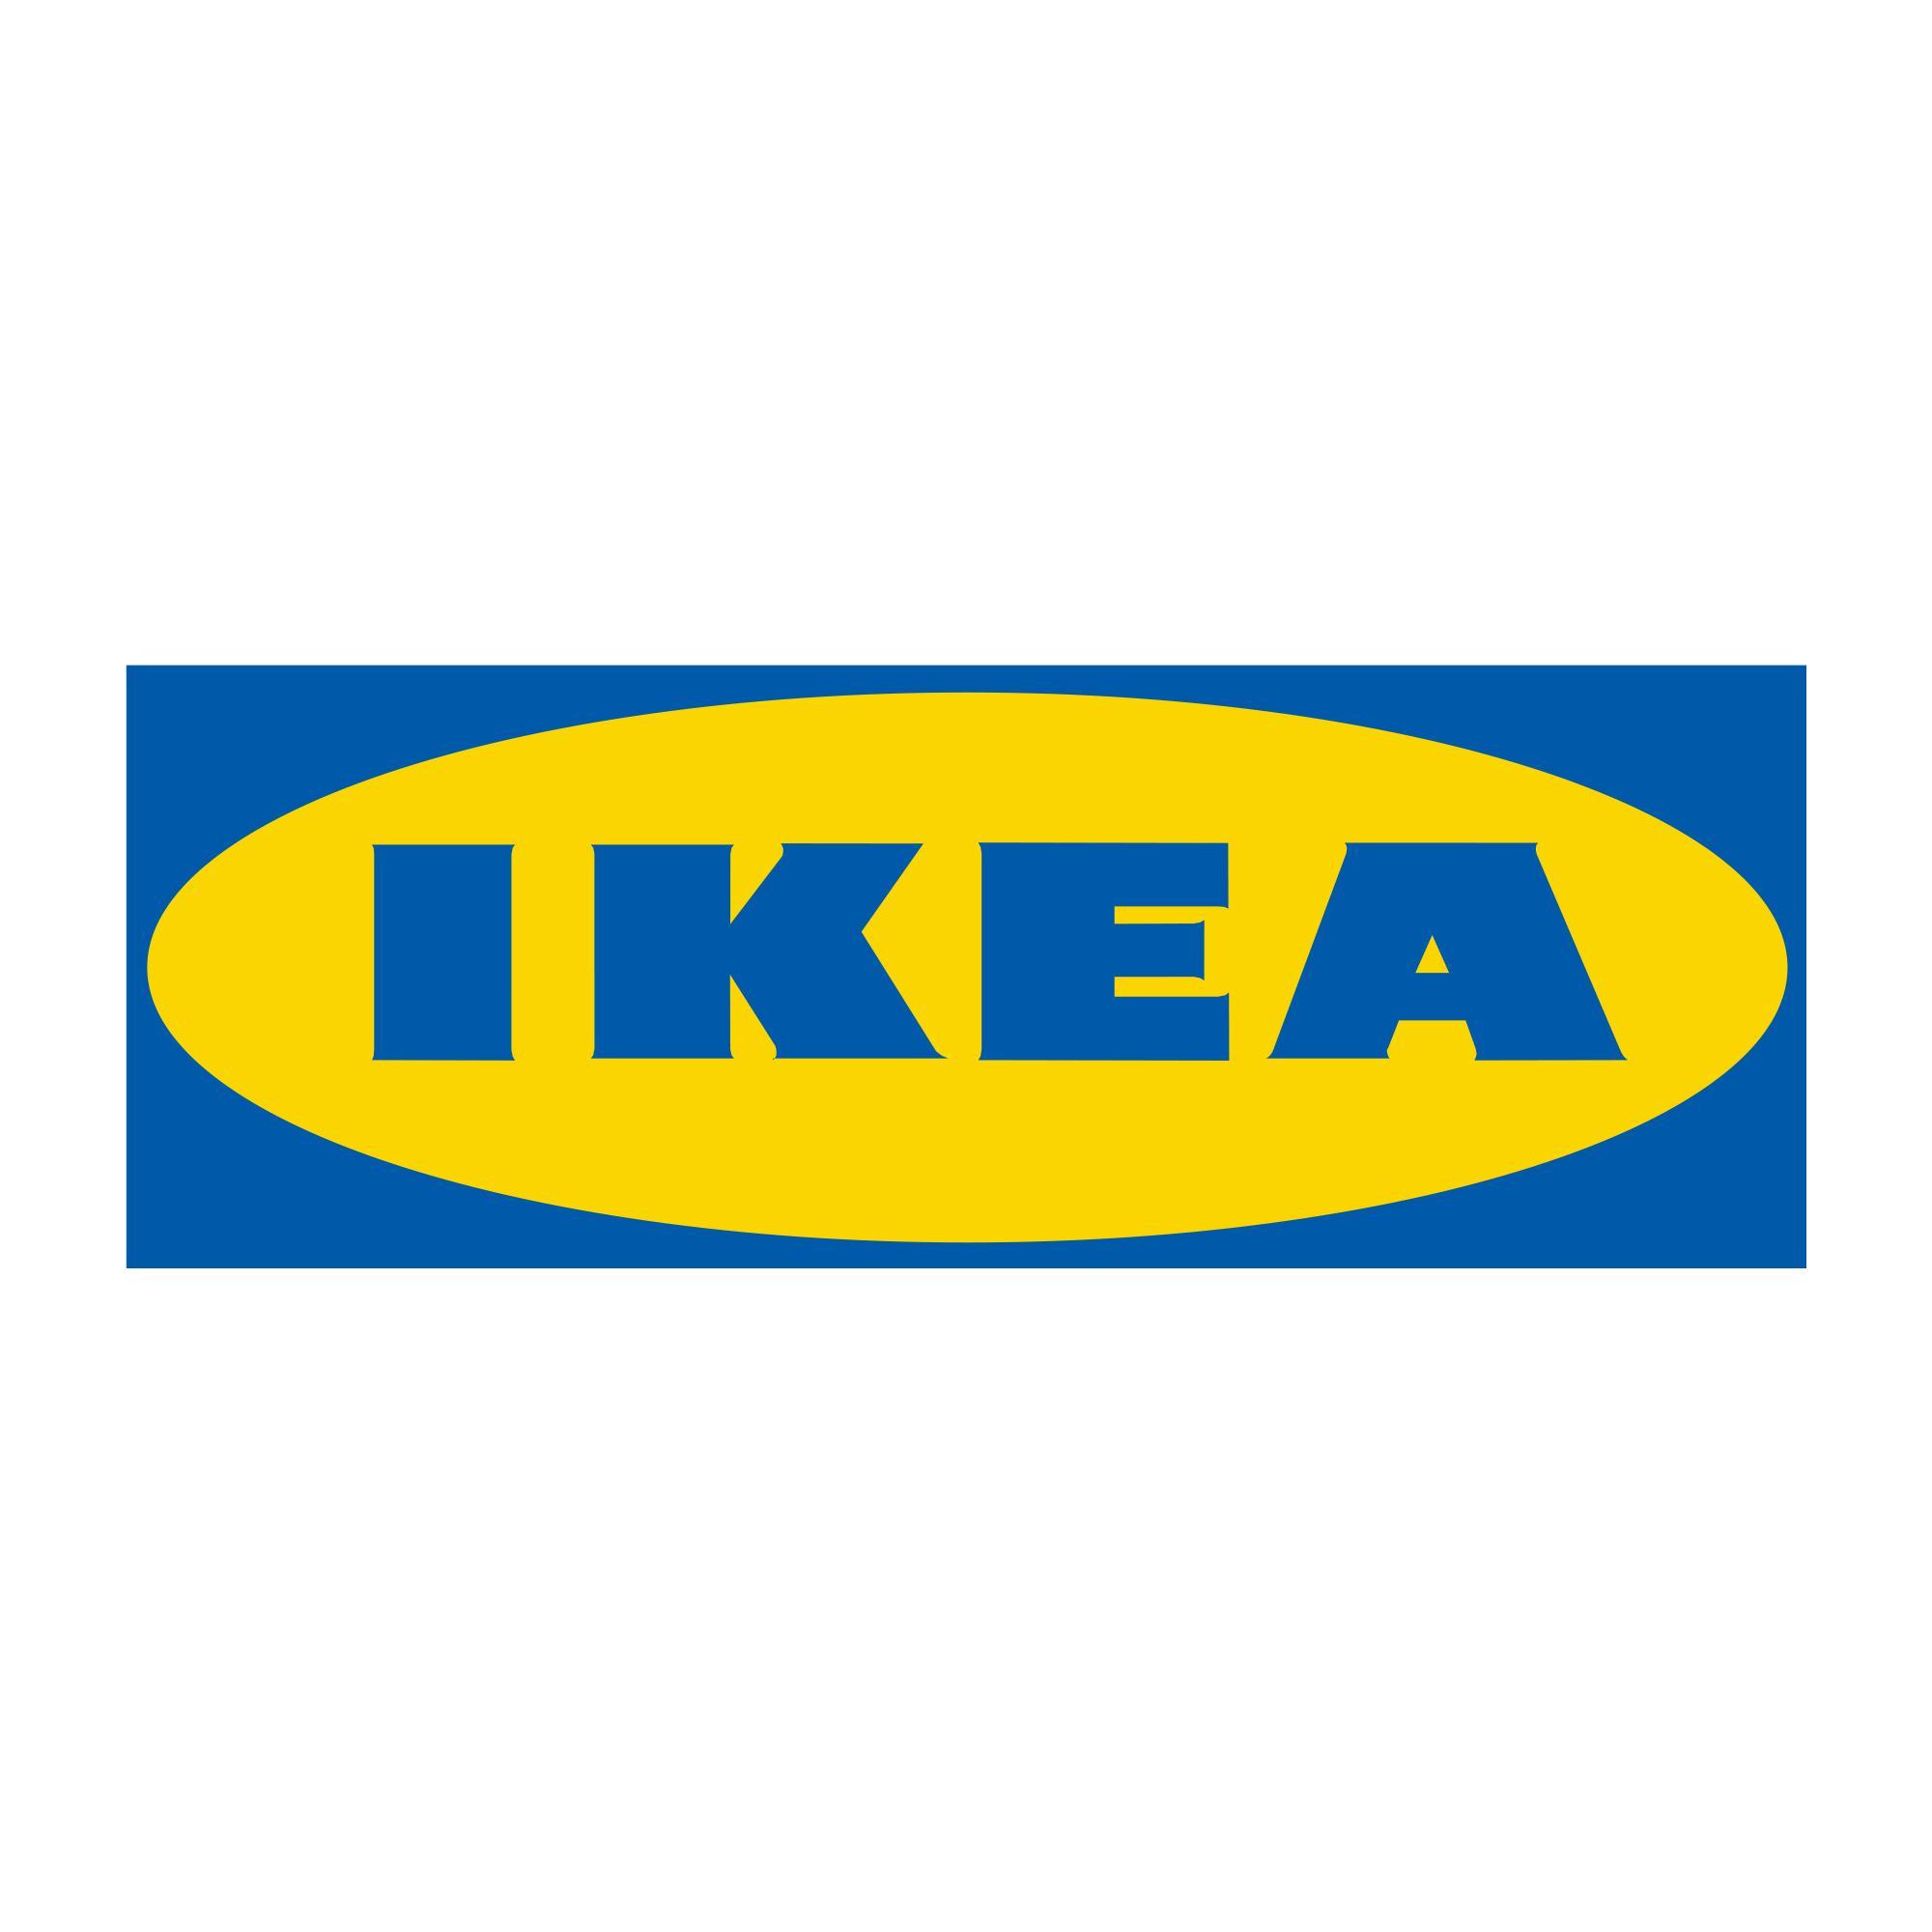 [Ikea Family] Jusqu'à 15€ offert en bon d'achat en échange d'anciens vêtements